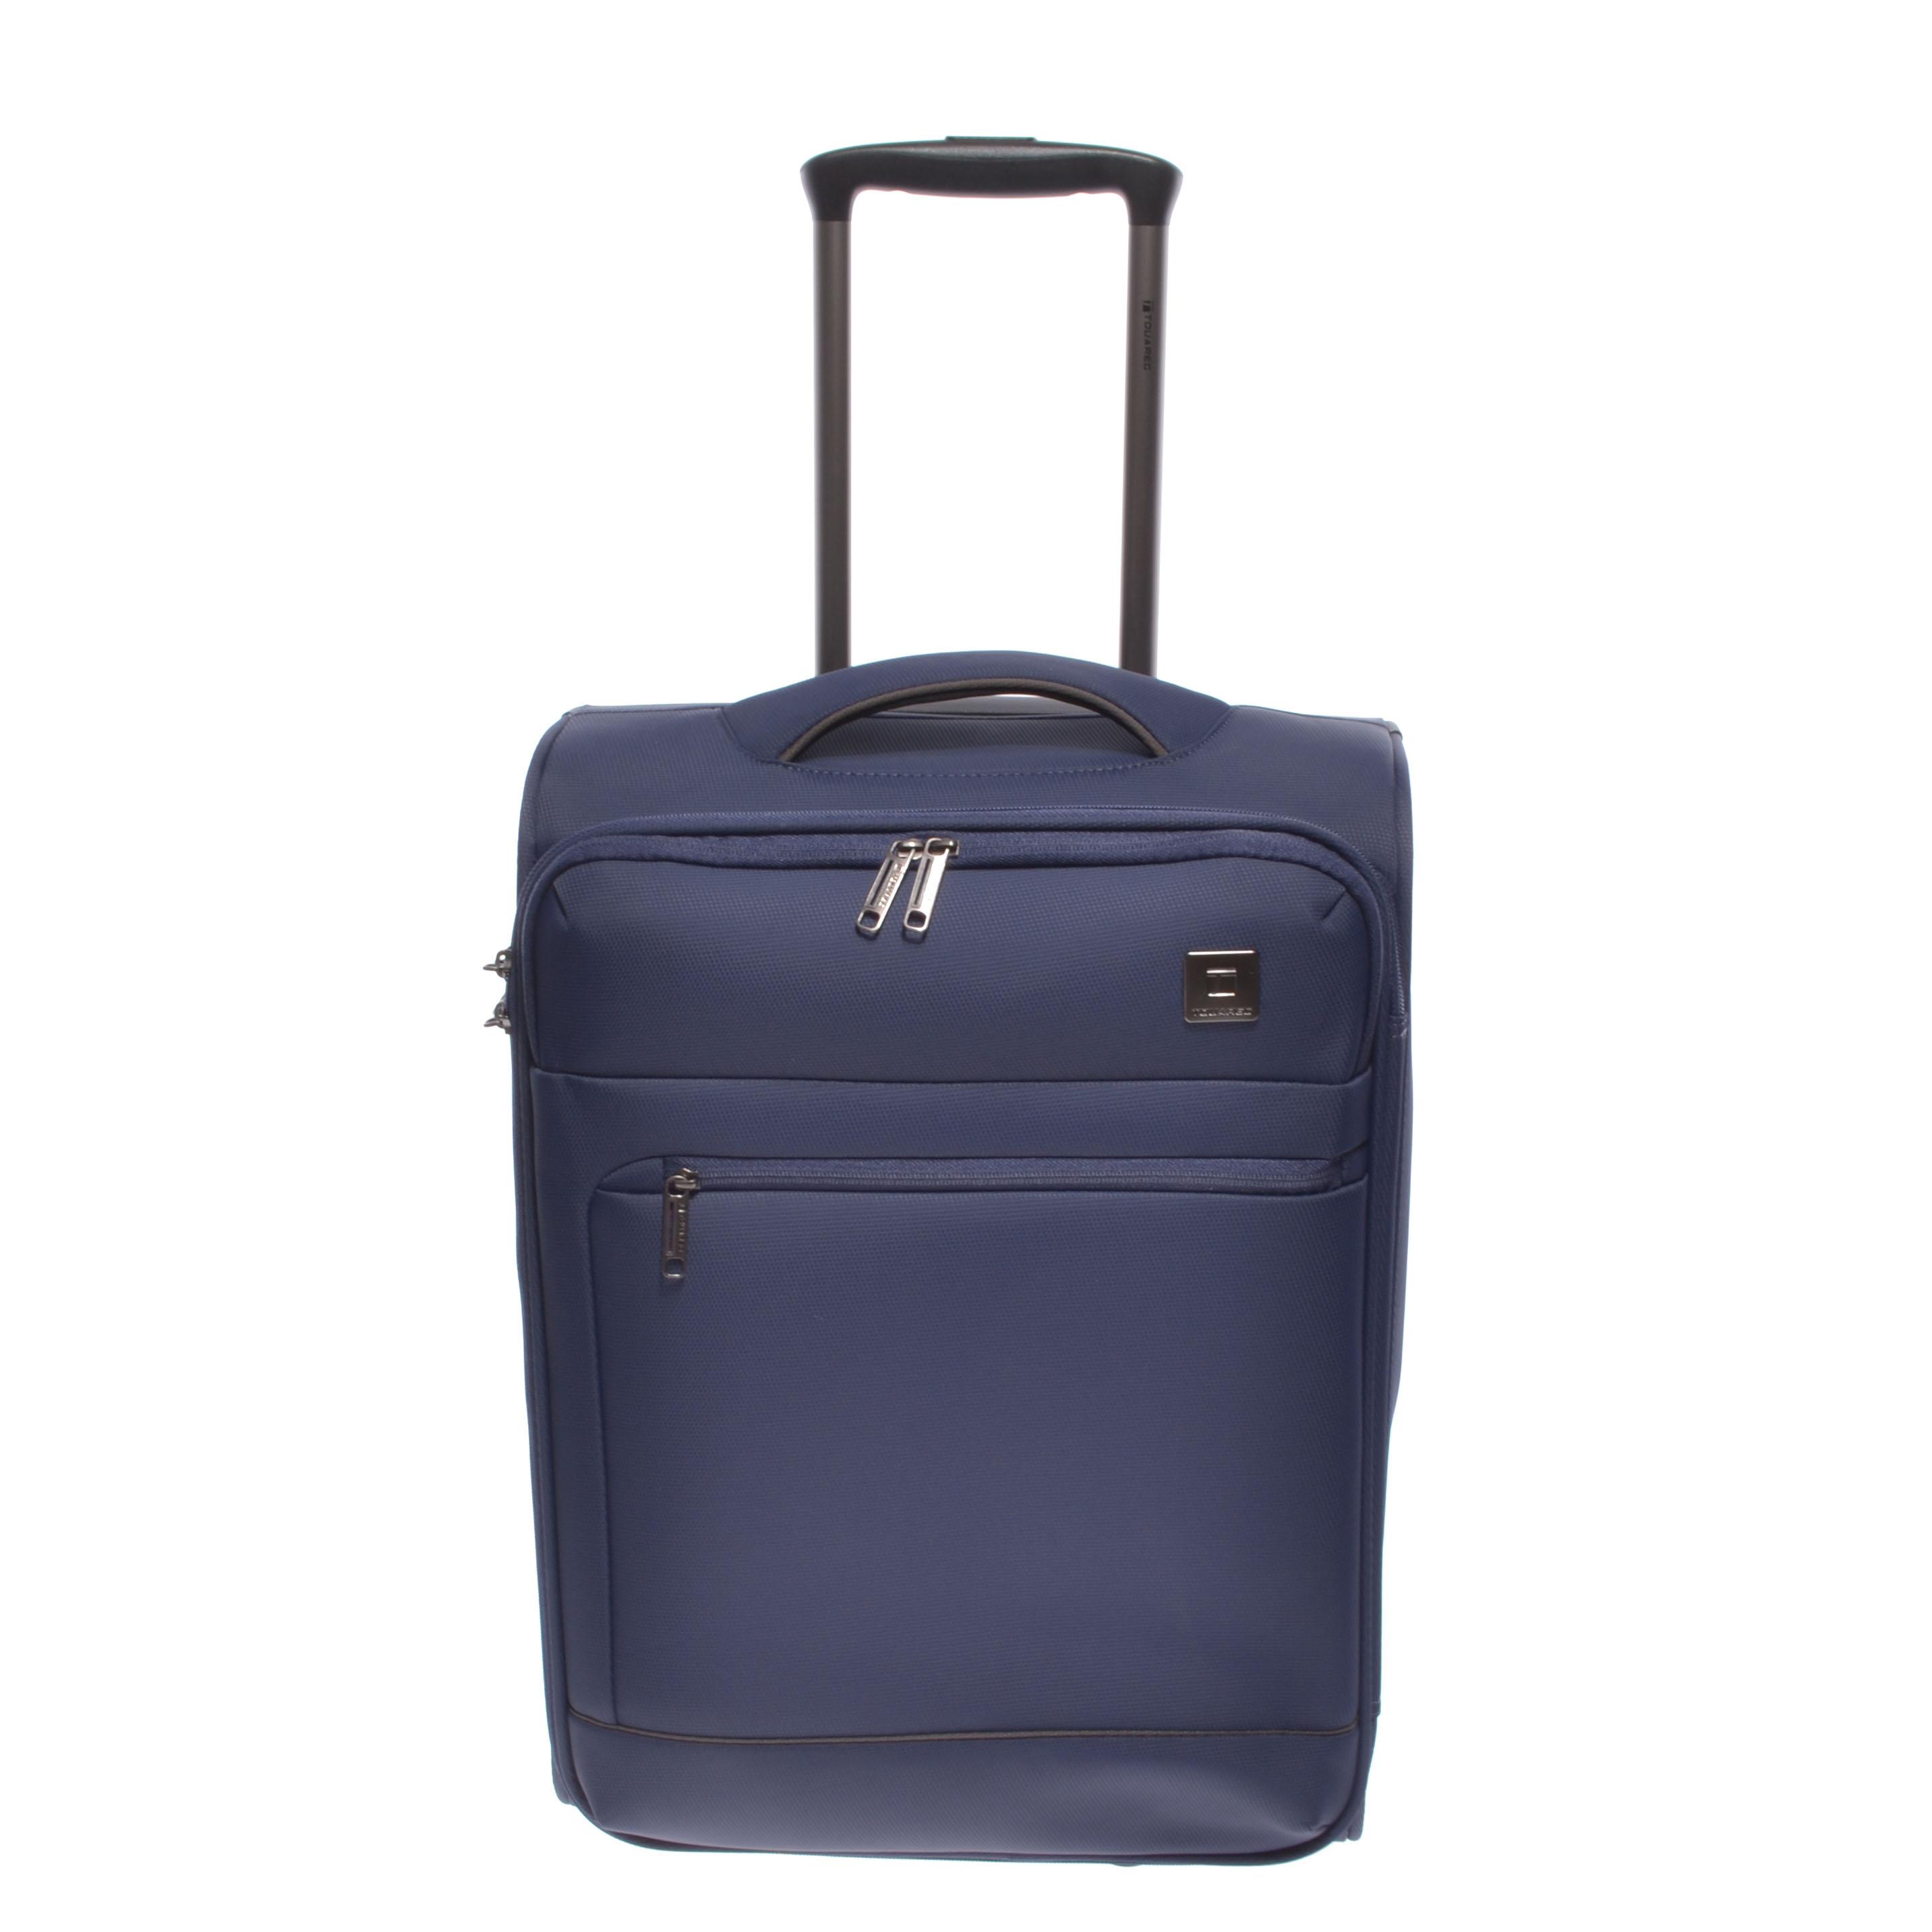 1ebce1b8ca98 Touareg Prémium Kabinbőrönd Kék - KABIN (kis) MÉRETŰ BŐRÖNDÖK - Táska  webáruház - Minőségi táskák mindenkinek